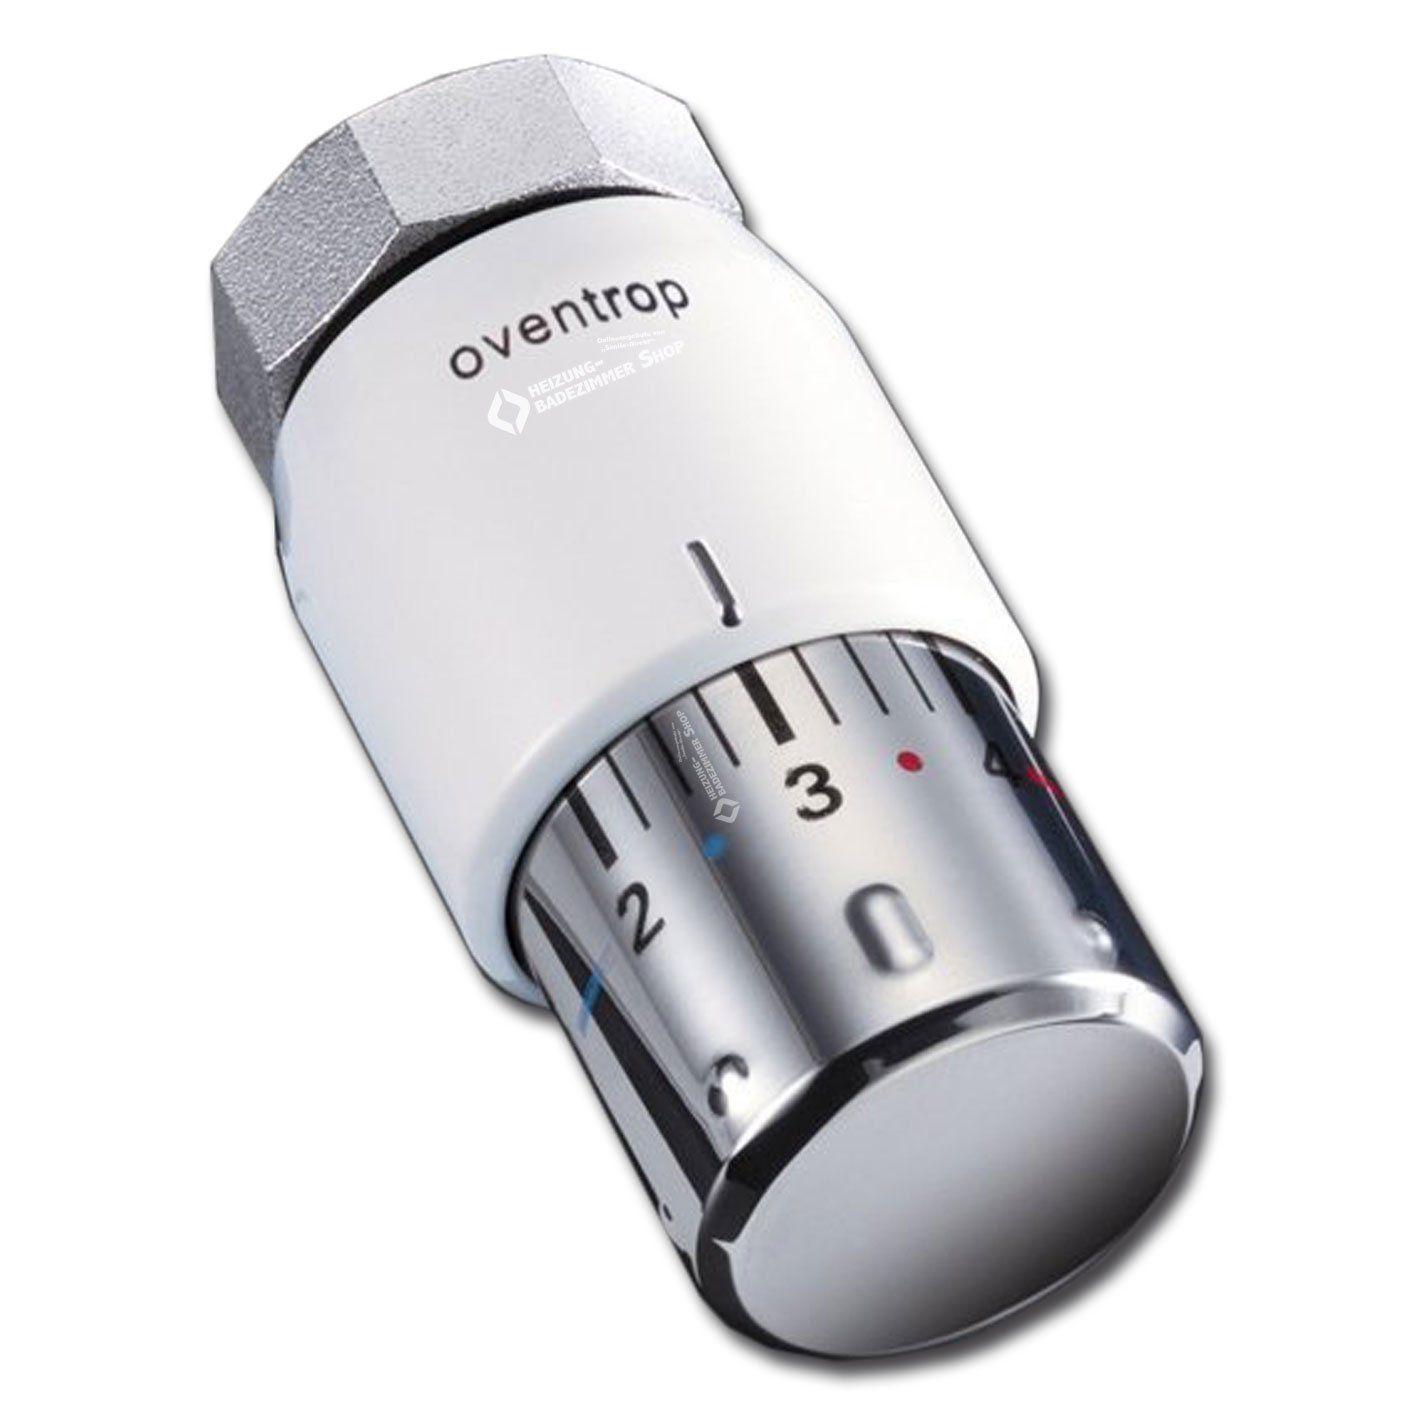 """Oventrop Thermostat """"Uni SH"""" 7-28 C, 0 x 1-5, Flüssig-Fühler, weiß, 1012065: Amazon.de: Baumarkt"""